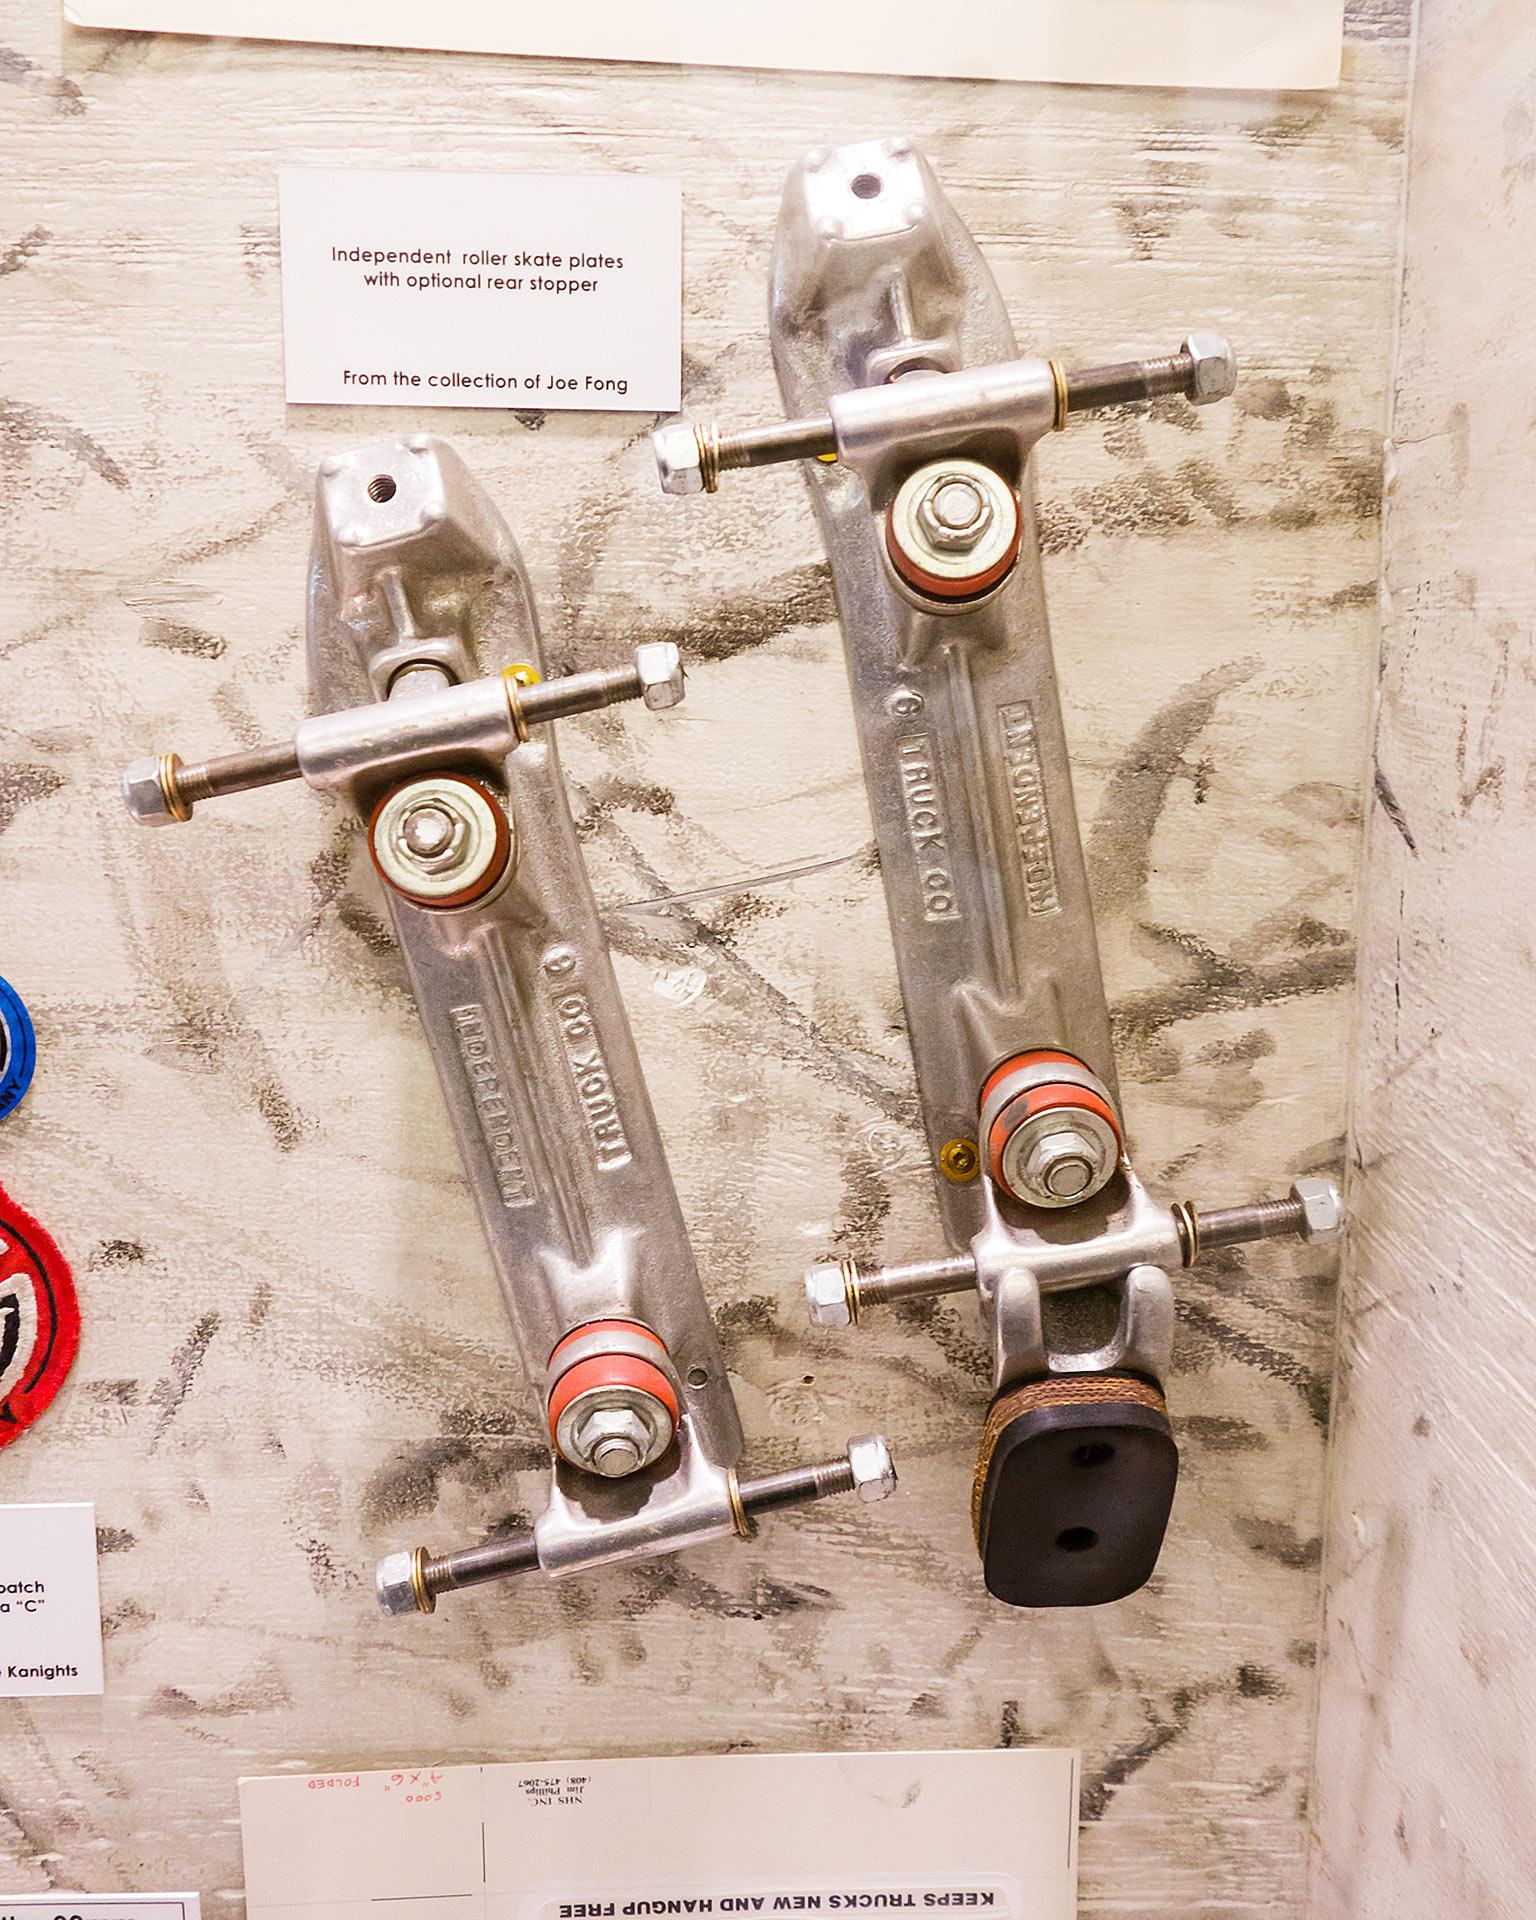 Indy Roller Skates